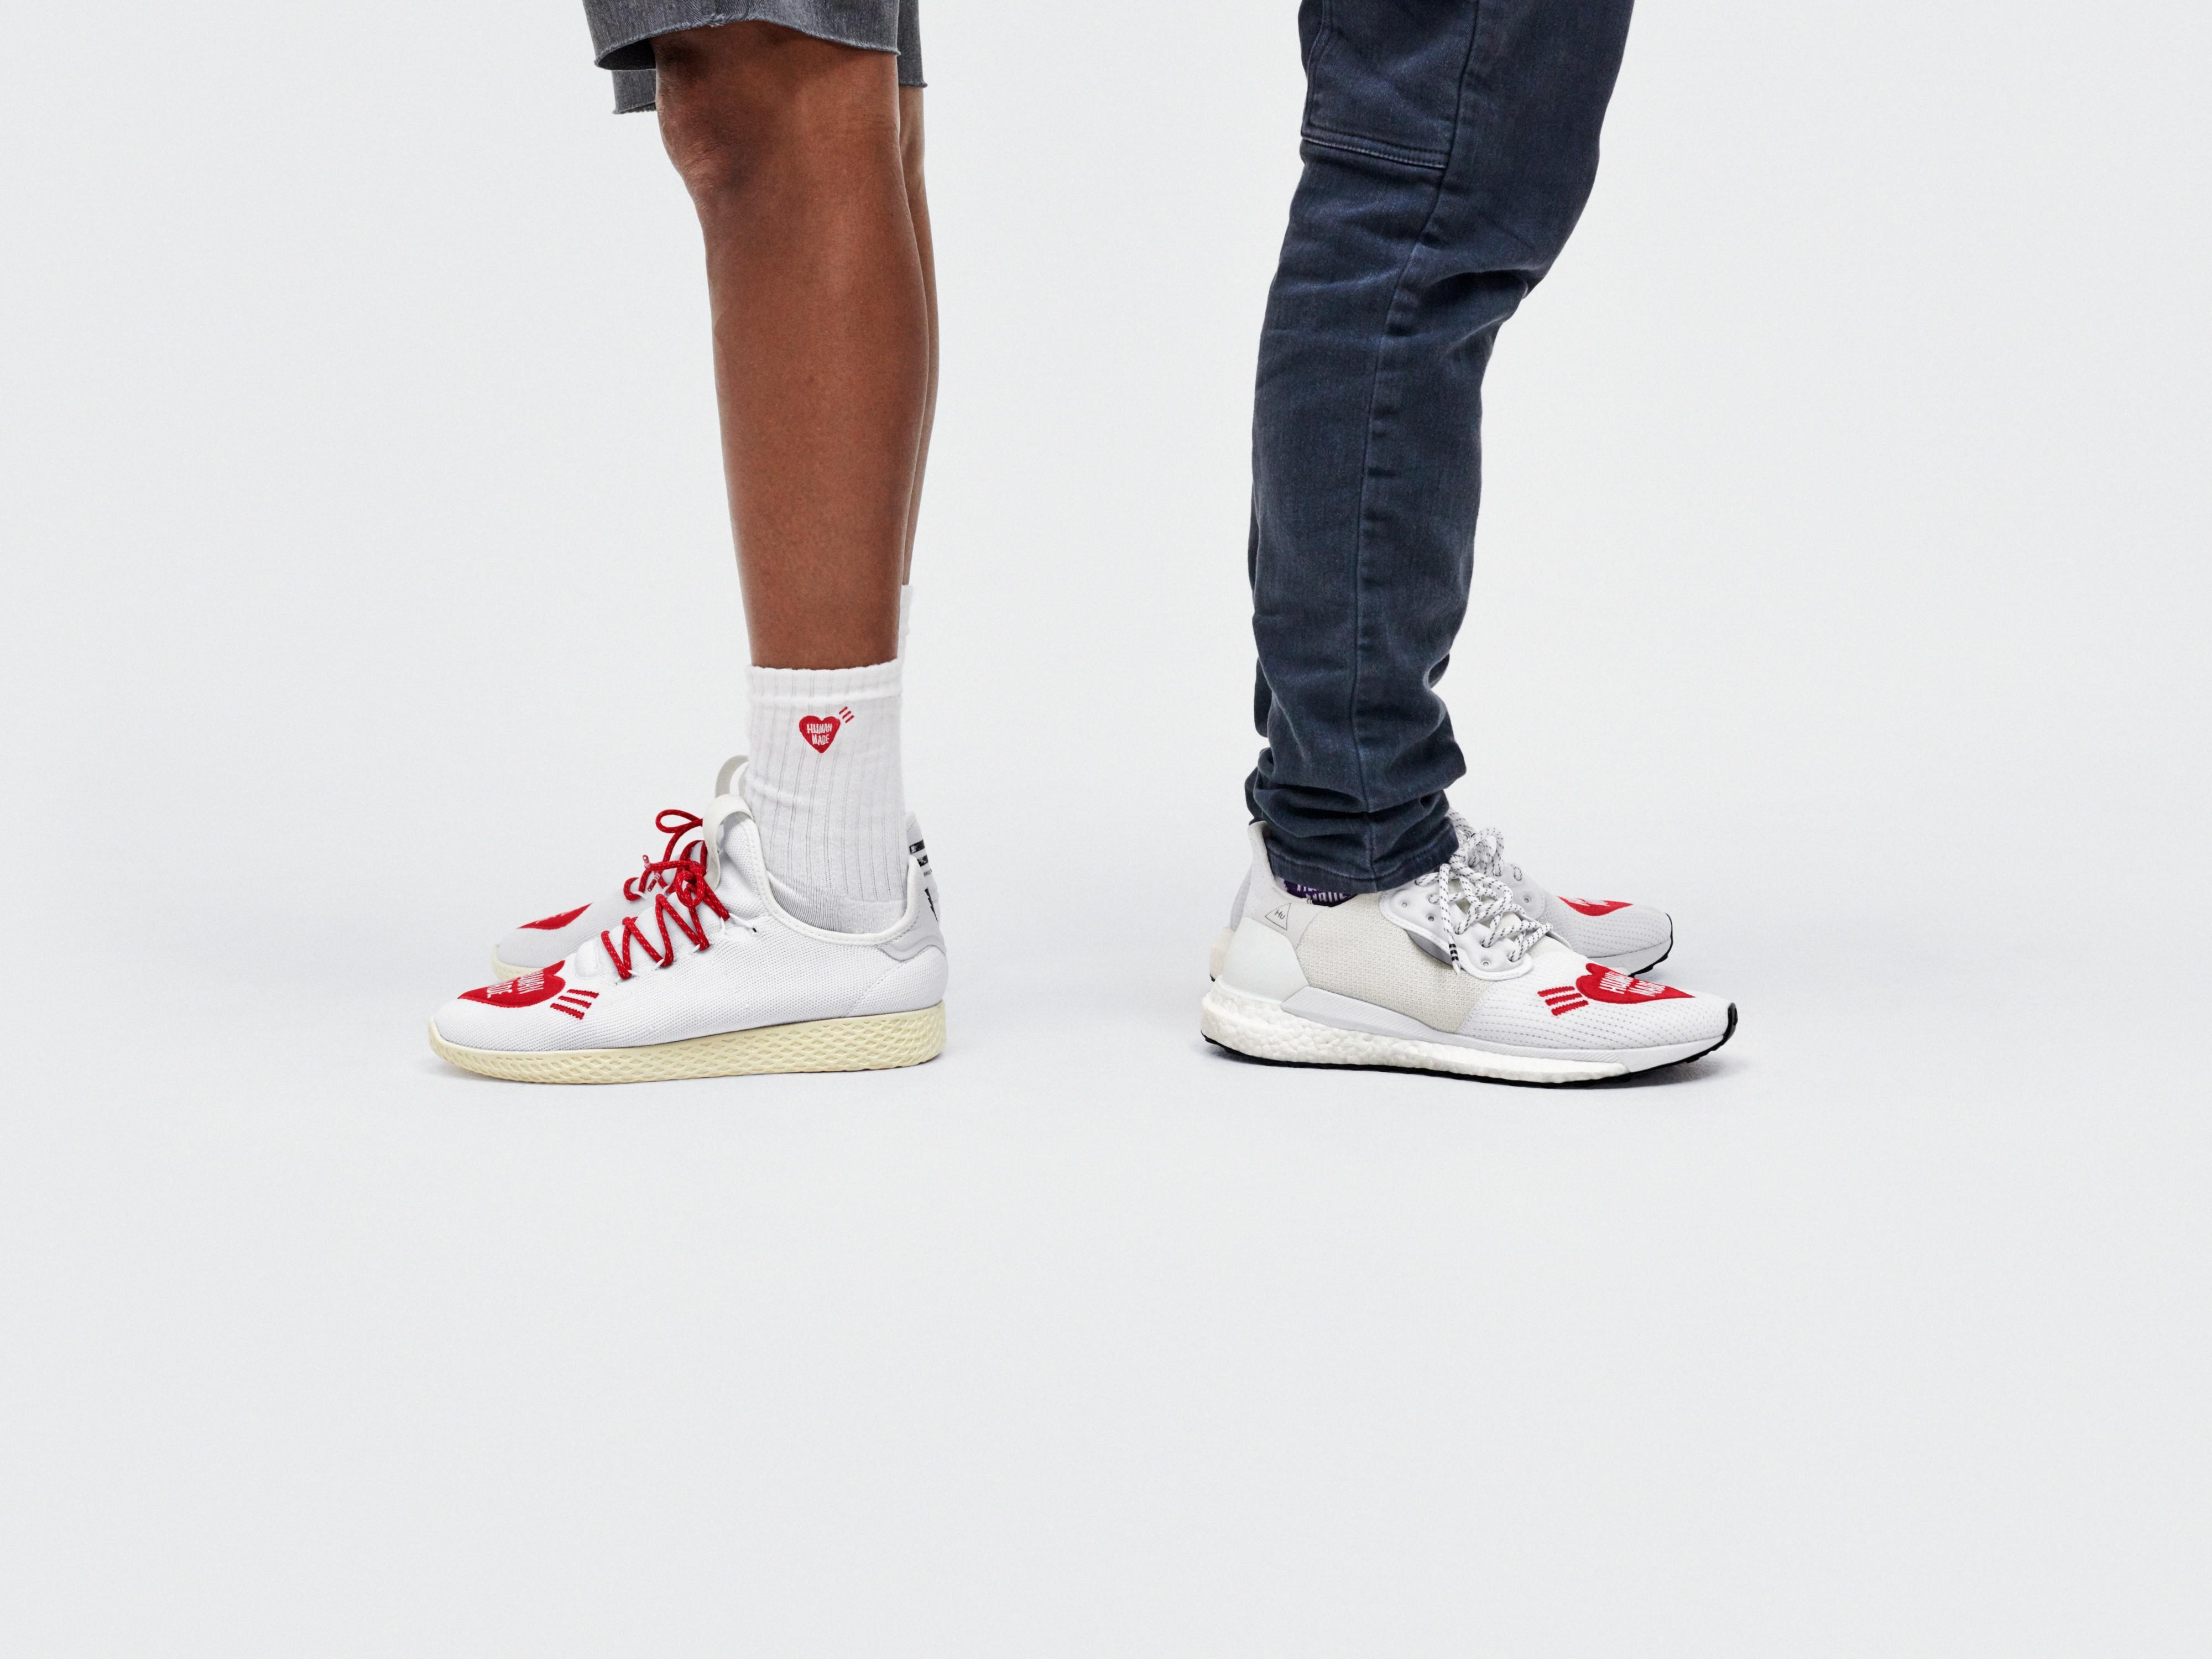 Pharrell Williams e Nigo x adidas Originals apontam ao